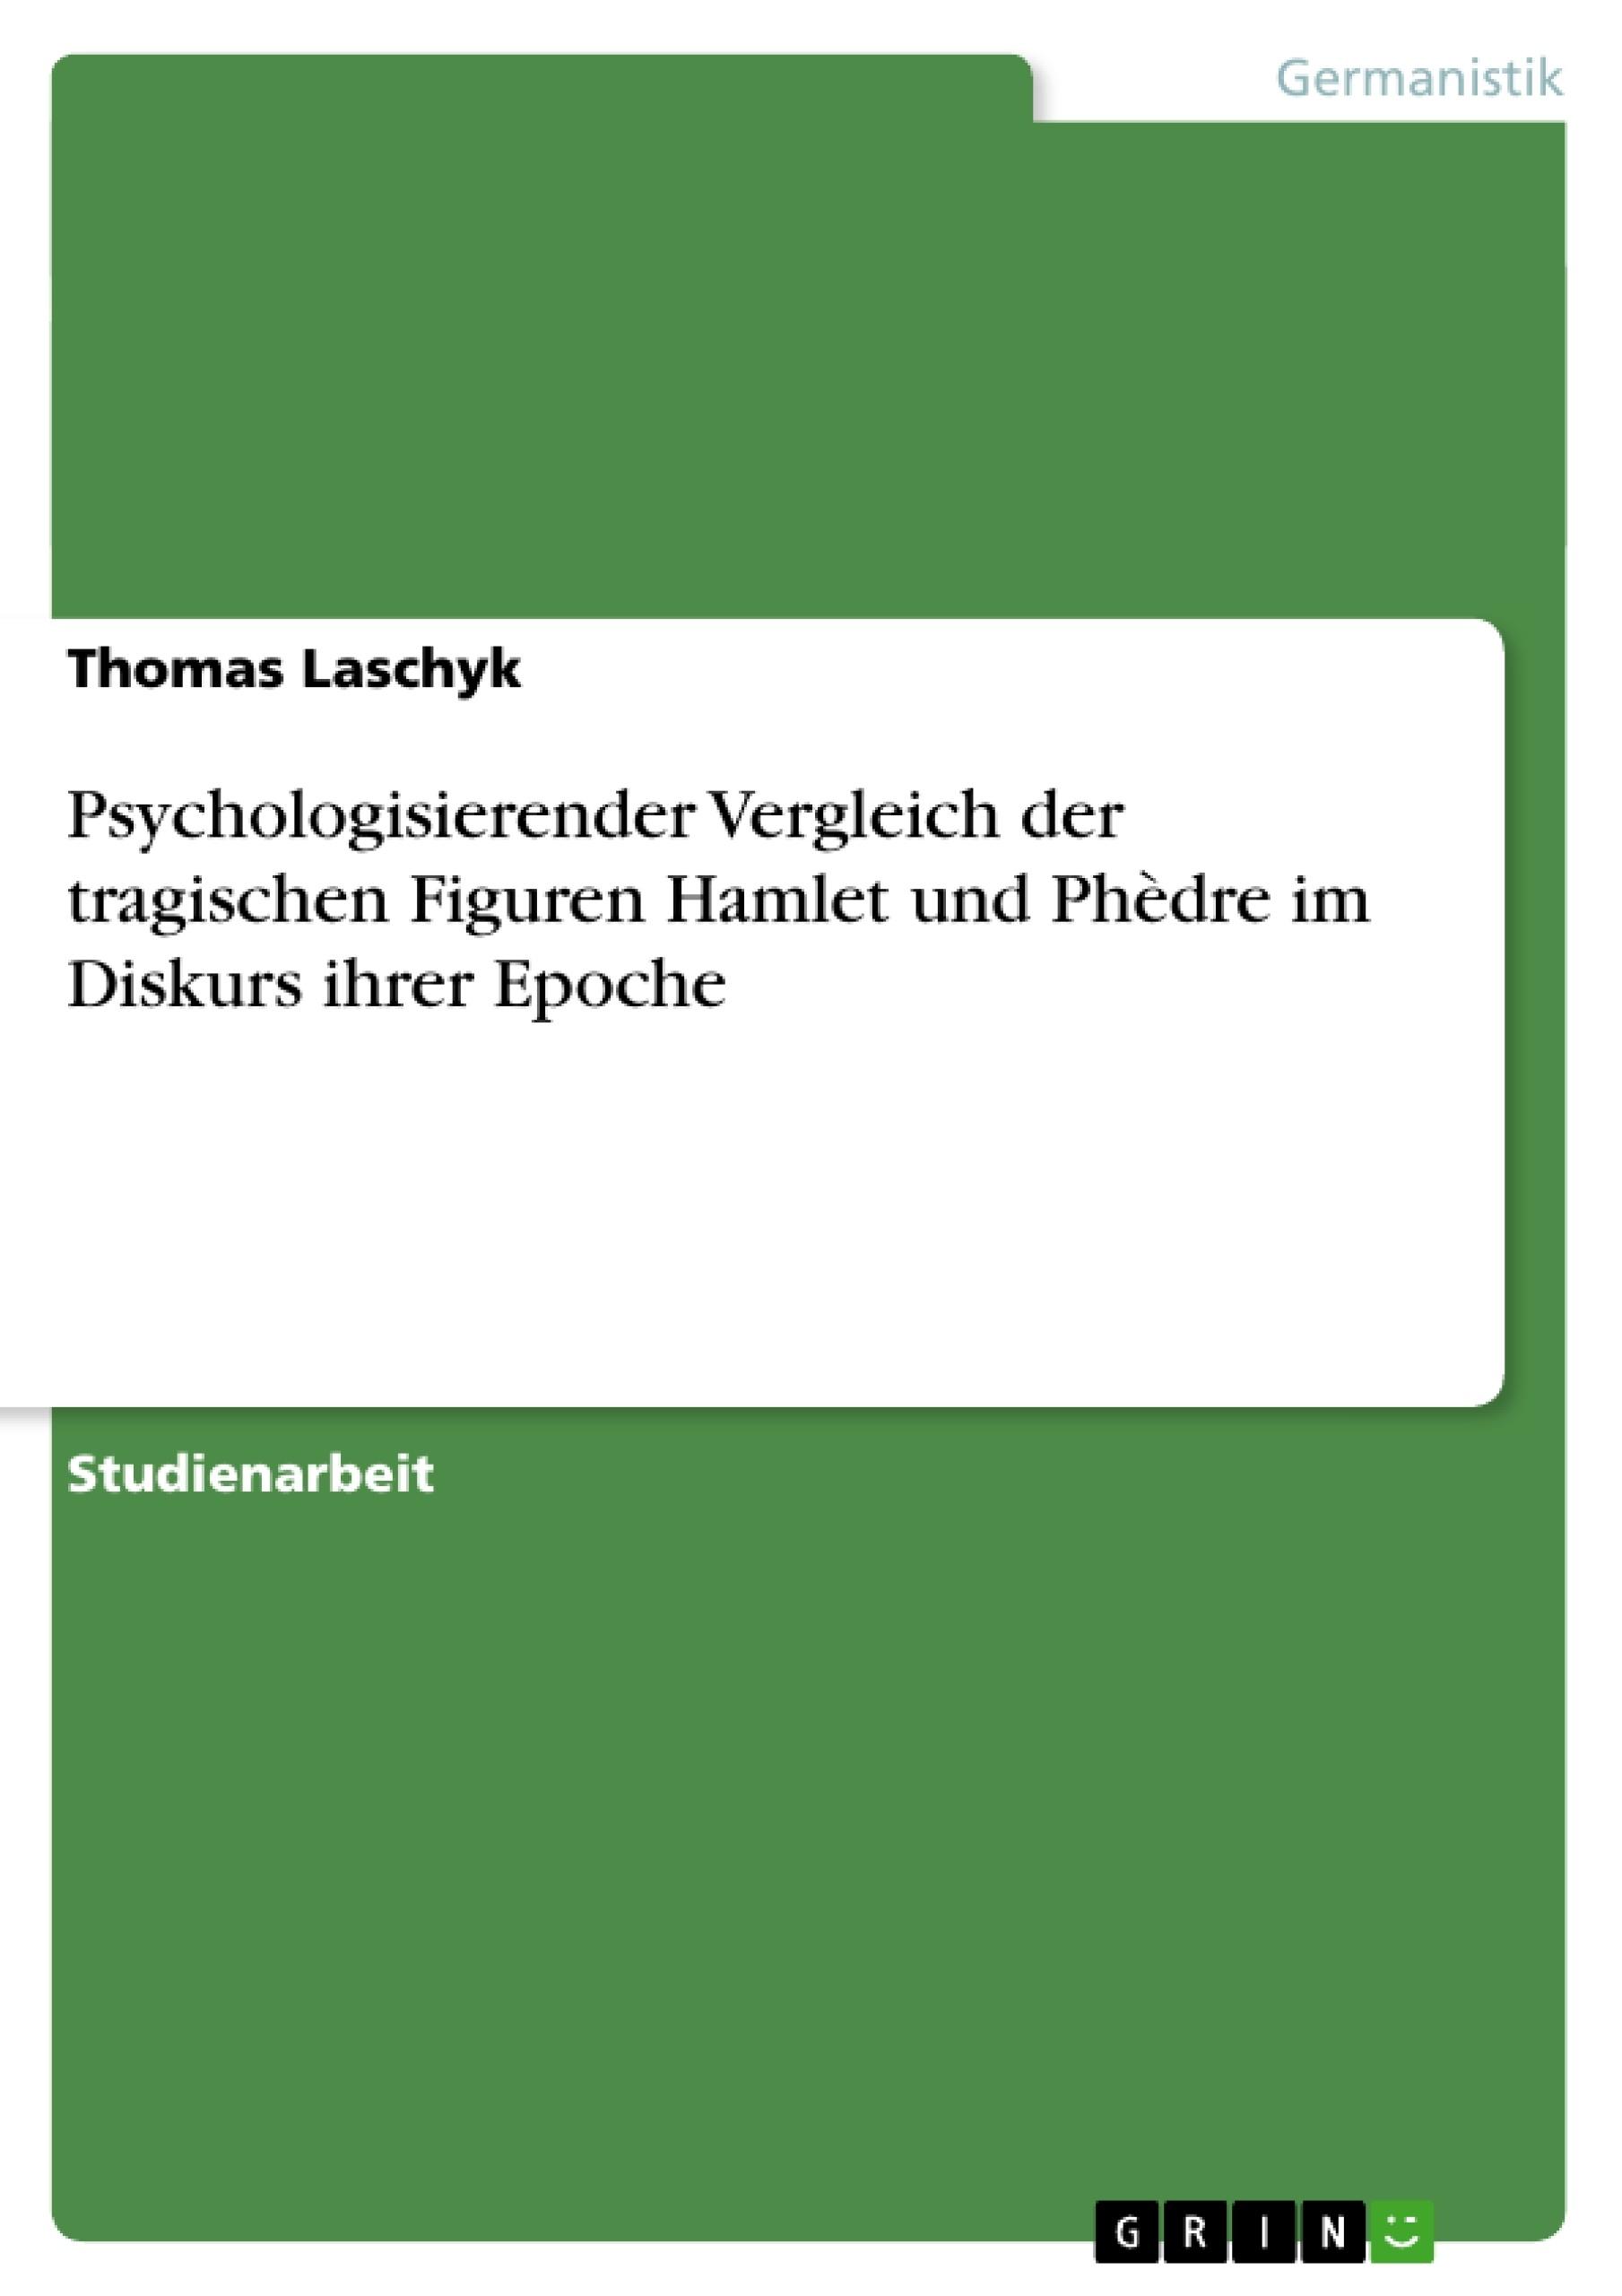 Titel: Psychologisierender Vergleich der tragischen Figuren Hamlet und Phèdre im Diskurs ihrer Epoche